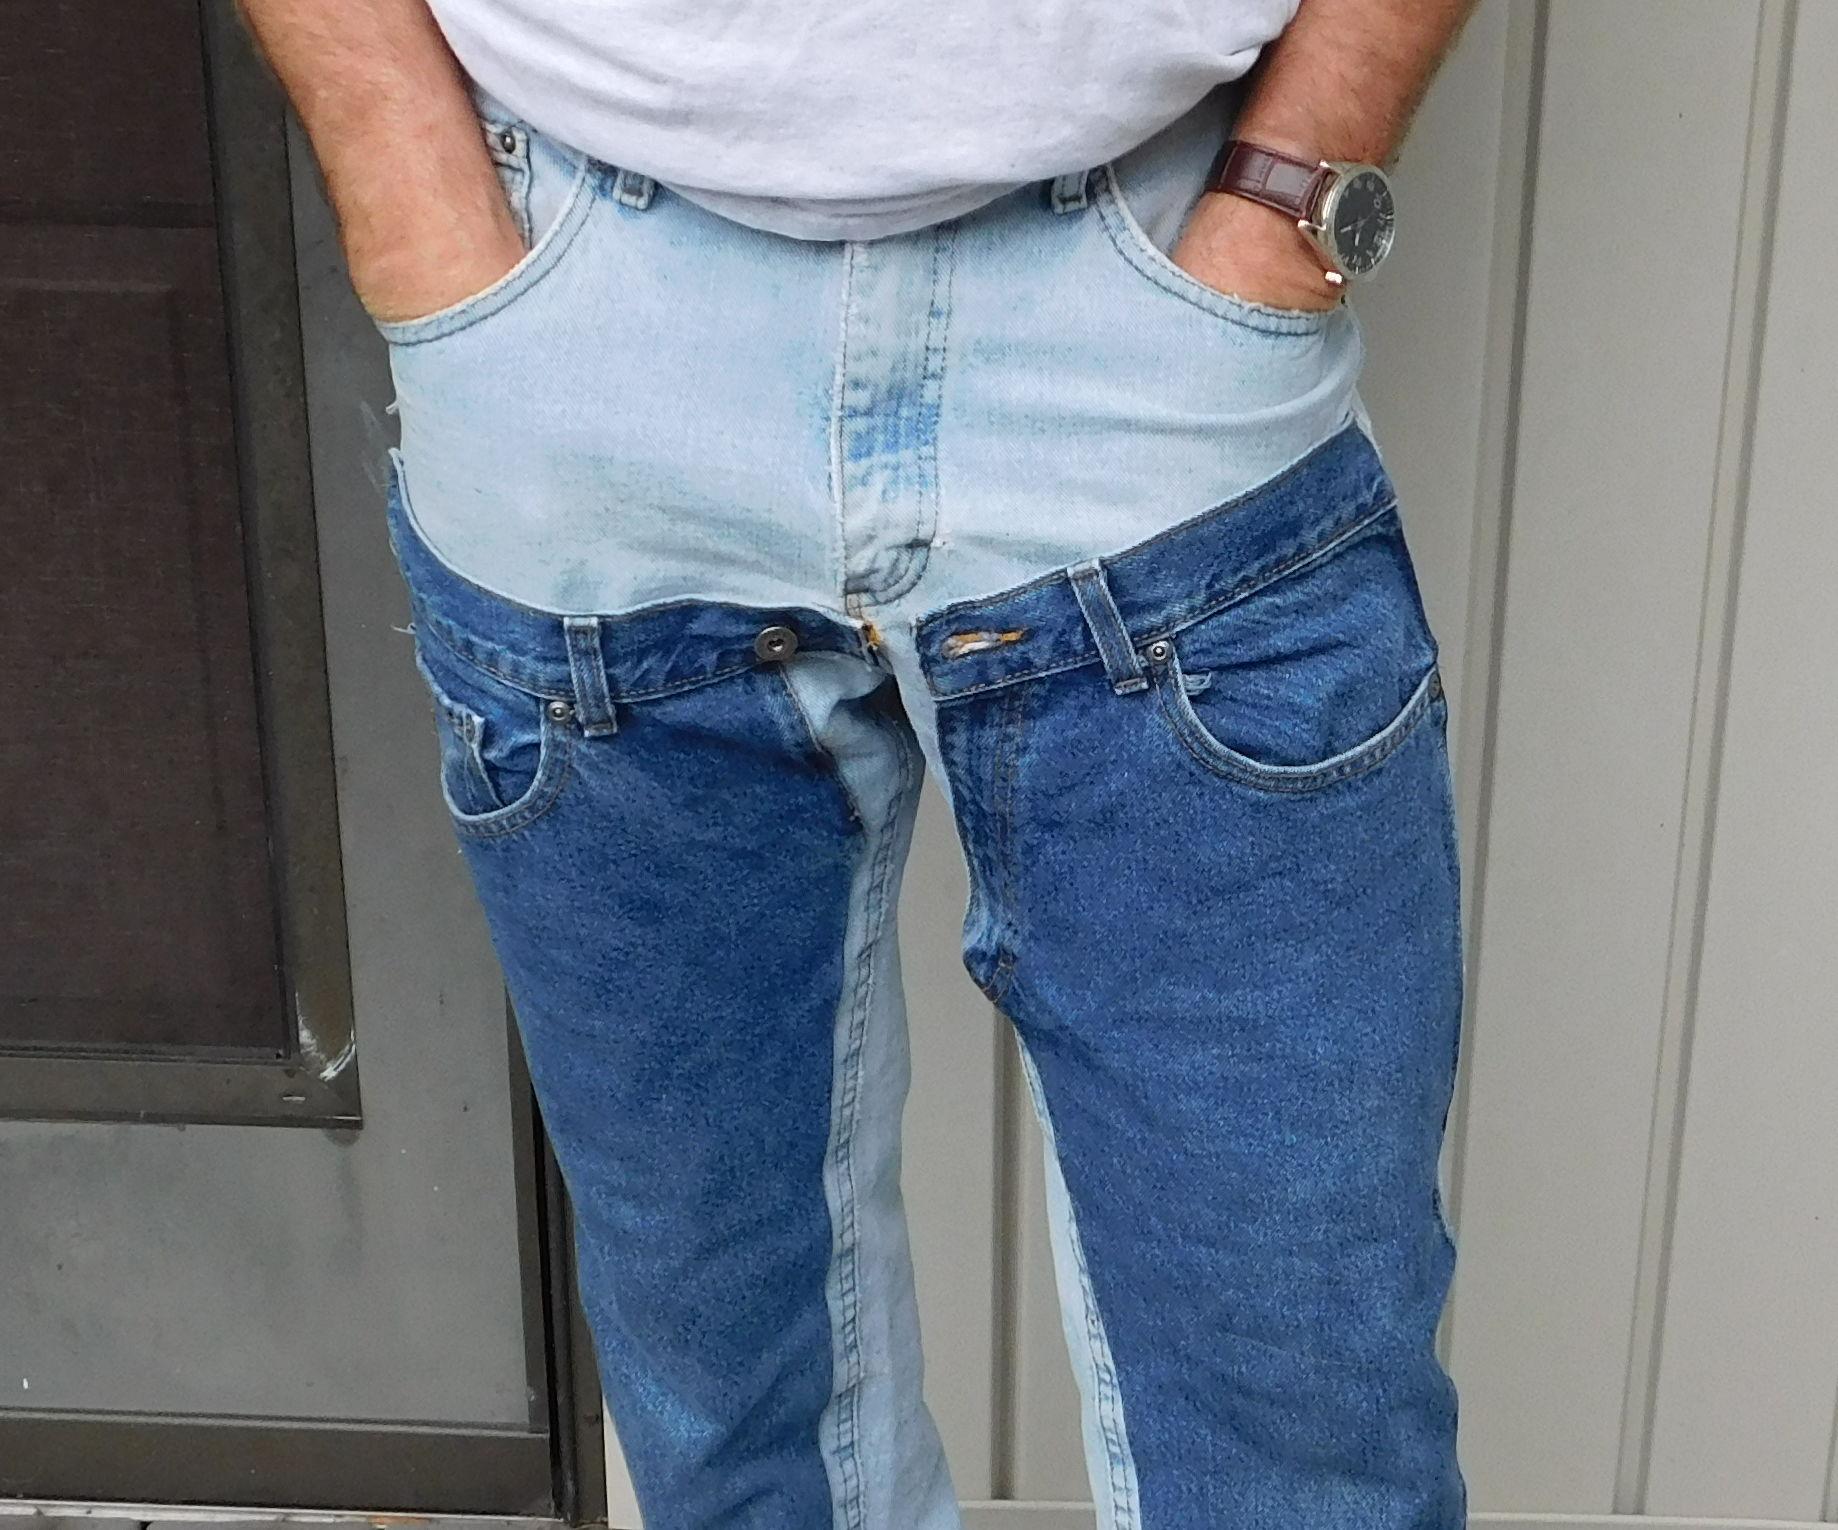 Droopy/Dad Jeans Repair